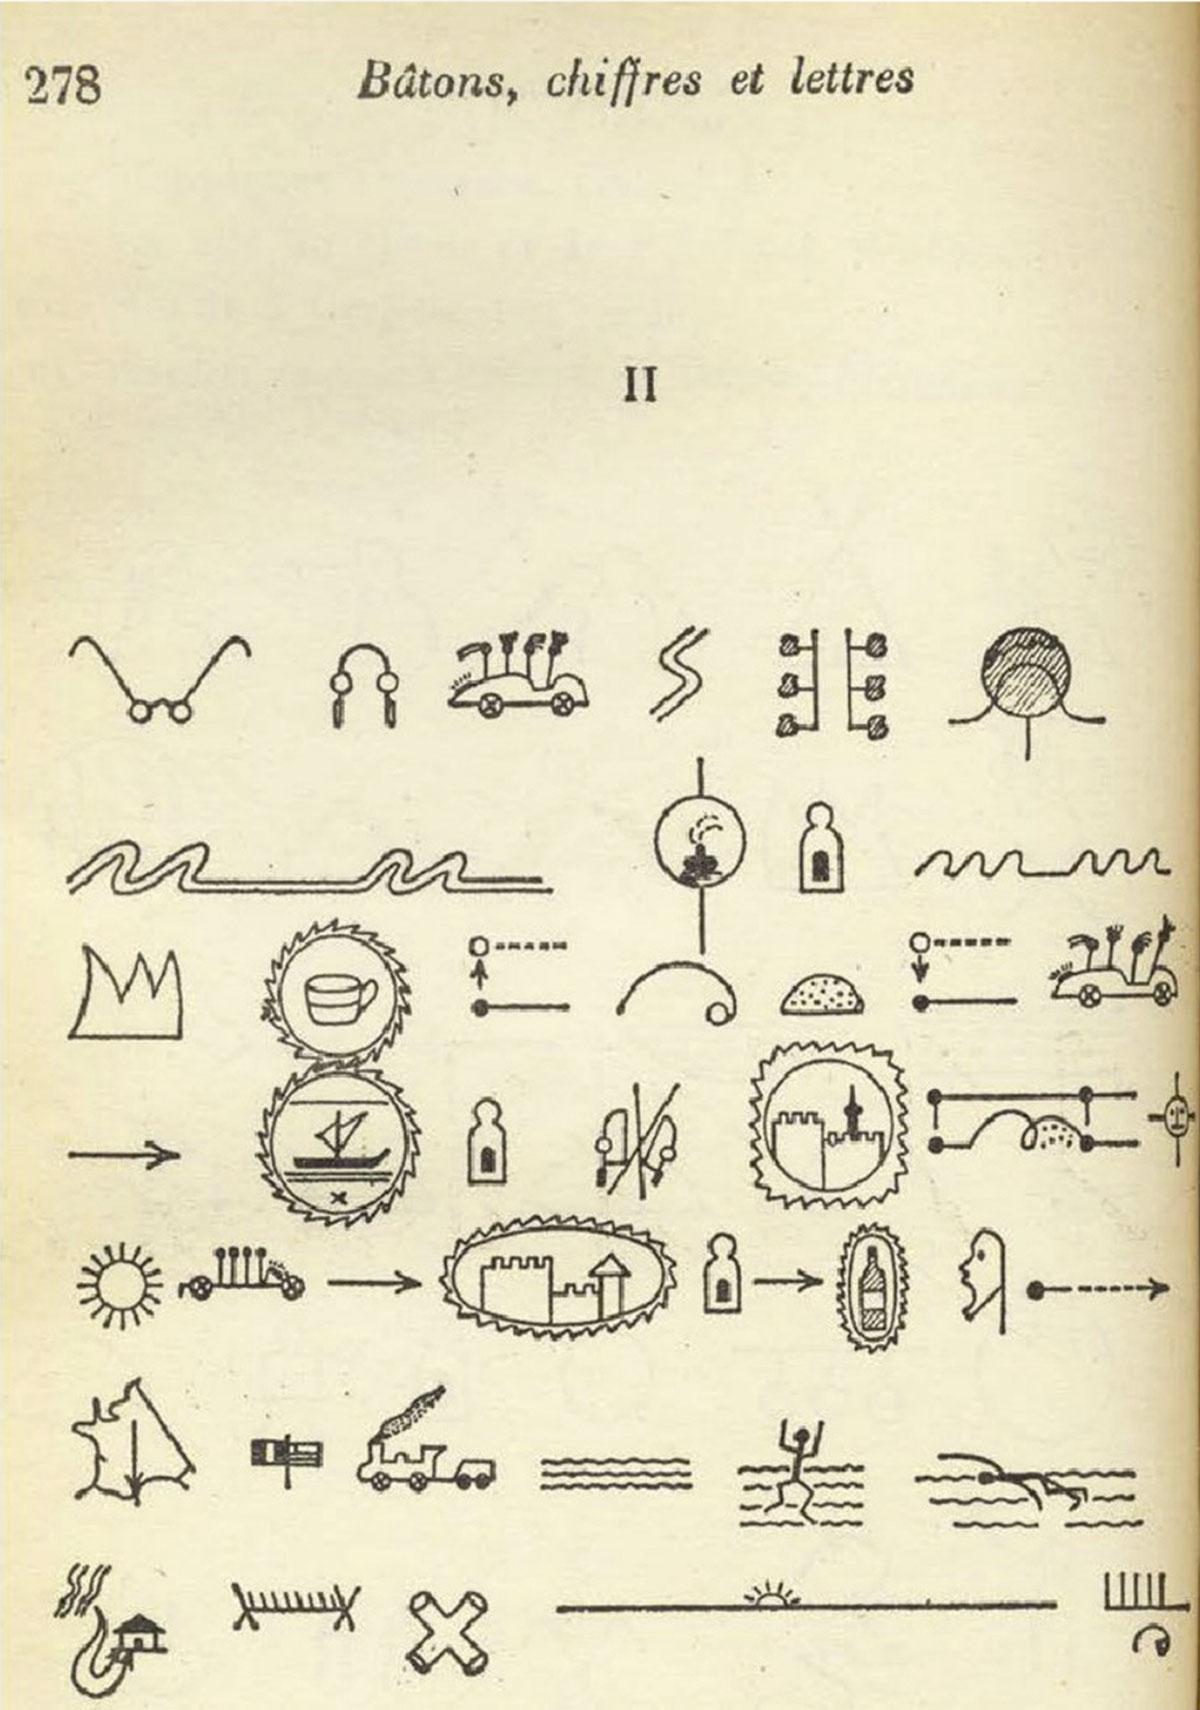 Raymond-Queneau-Narration-pictographique-batons-chiffres-et-lettres-recit-d-un-voyage-en-automobile-de-Paris-a-Cerbere-1950